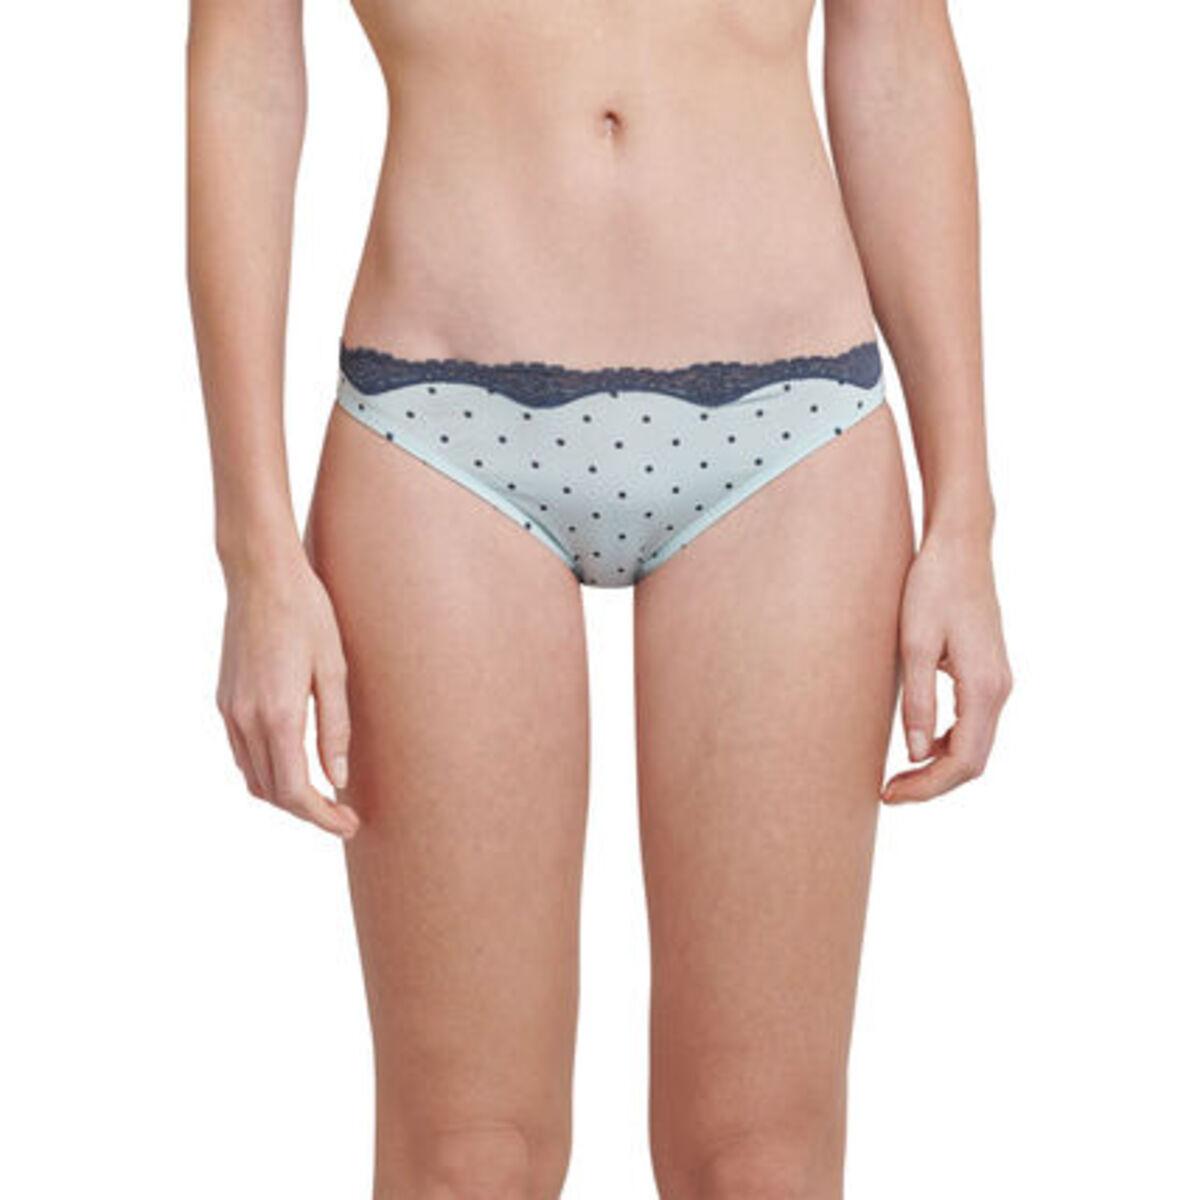 Bild 2 von Schiesser Slips, Mini, 3er-Pack, für Damen